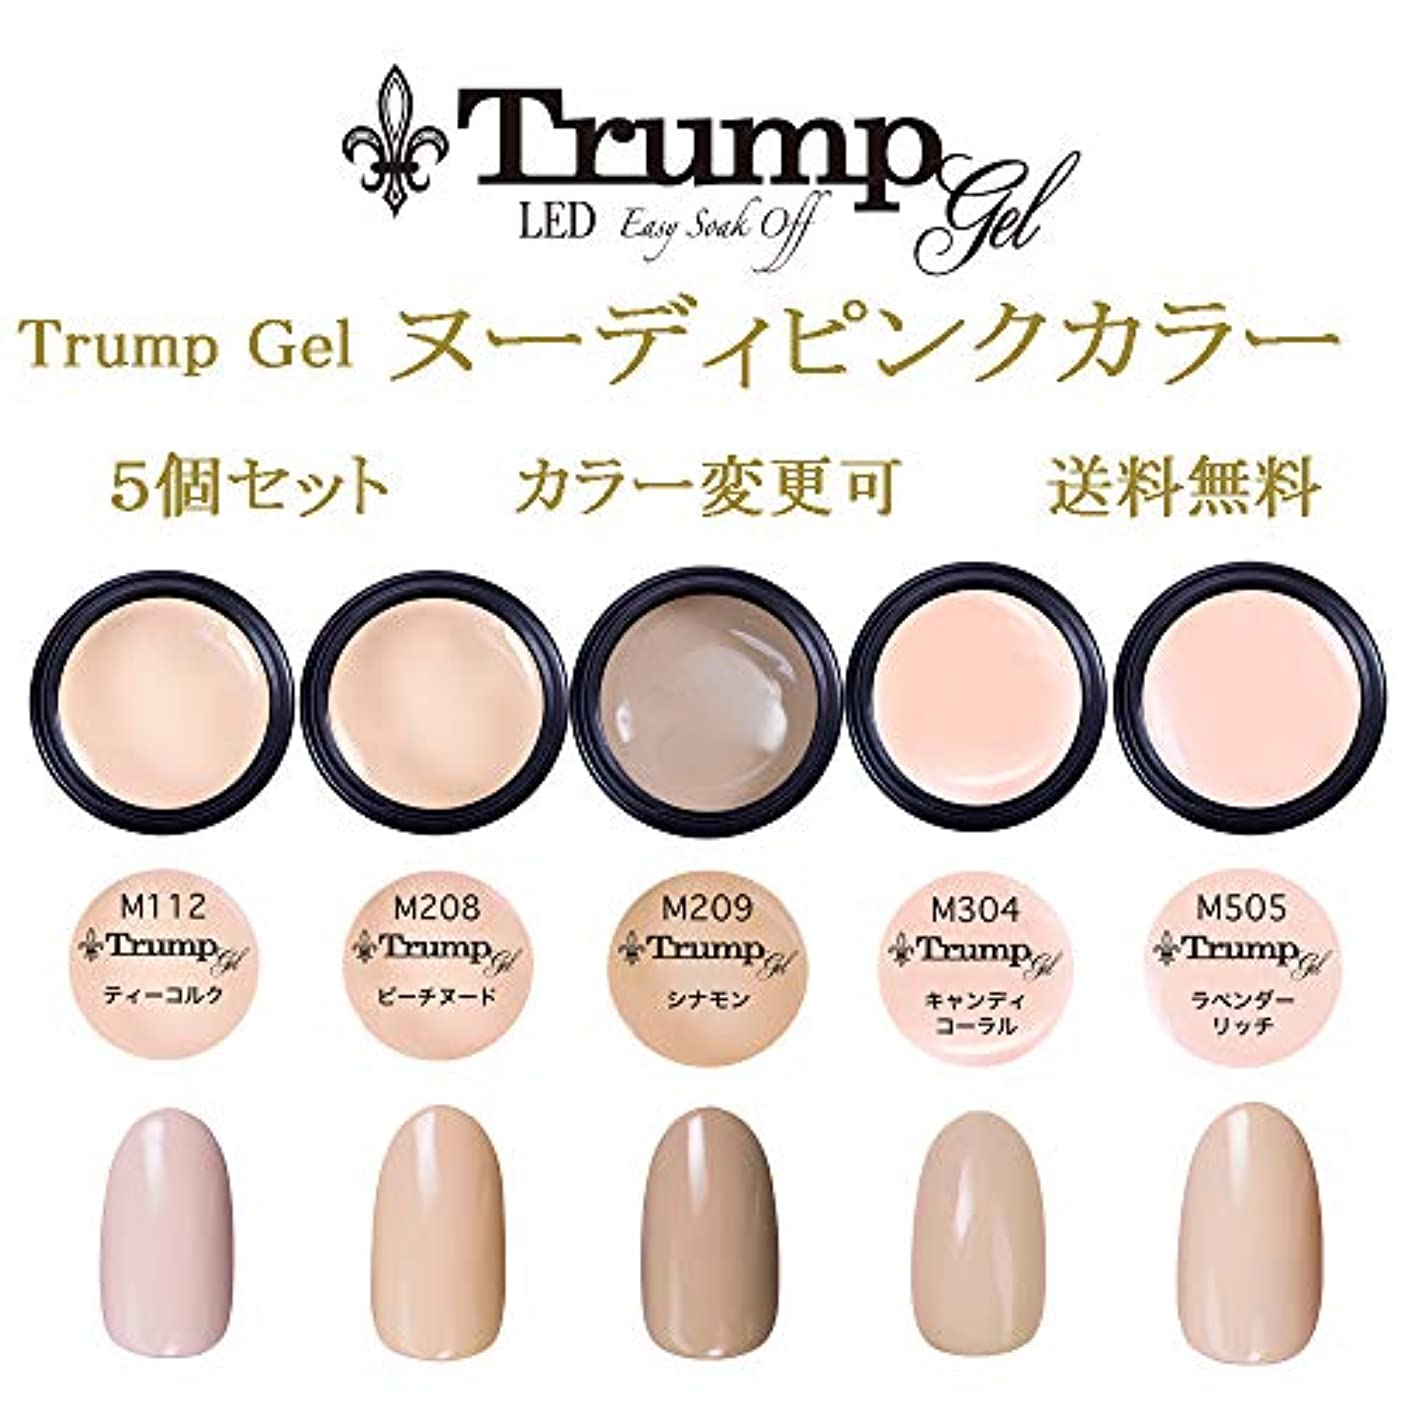 心理的配偶者ジョリー日本製 Trump gel トランプジェル ヌーディピンク 選べる カラージェル 5個セット ピンク ベージュ ヌーディカラー